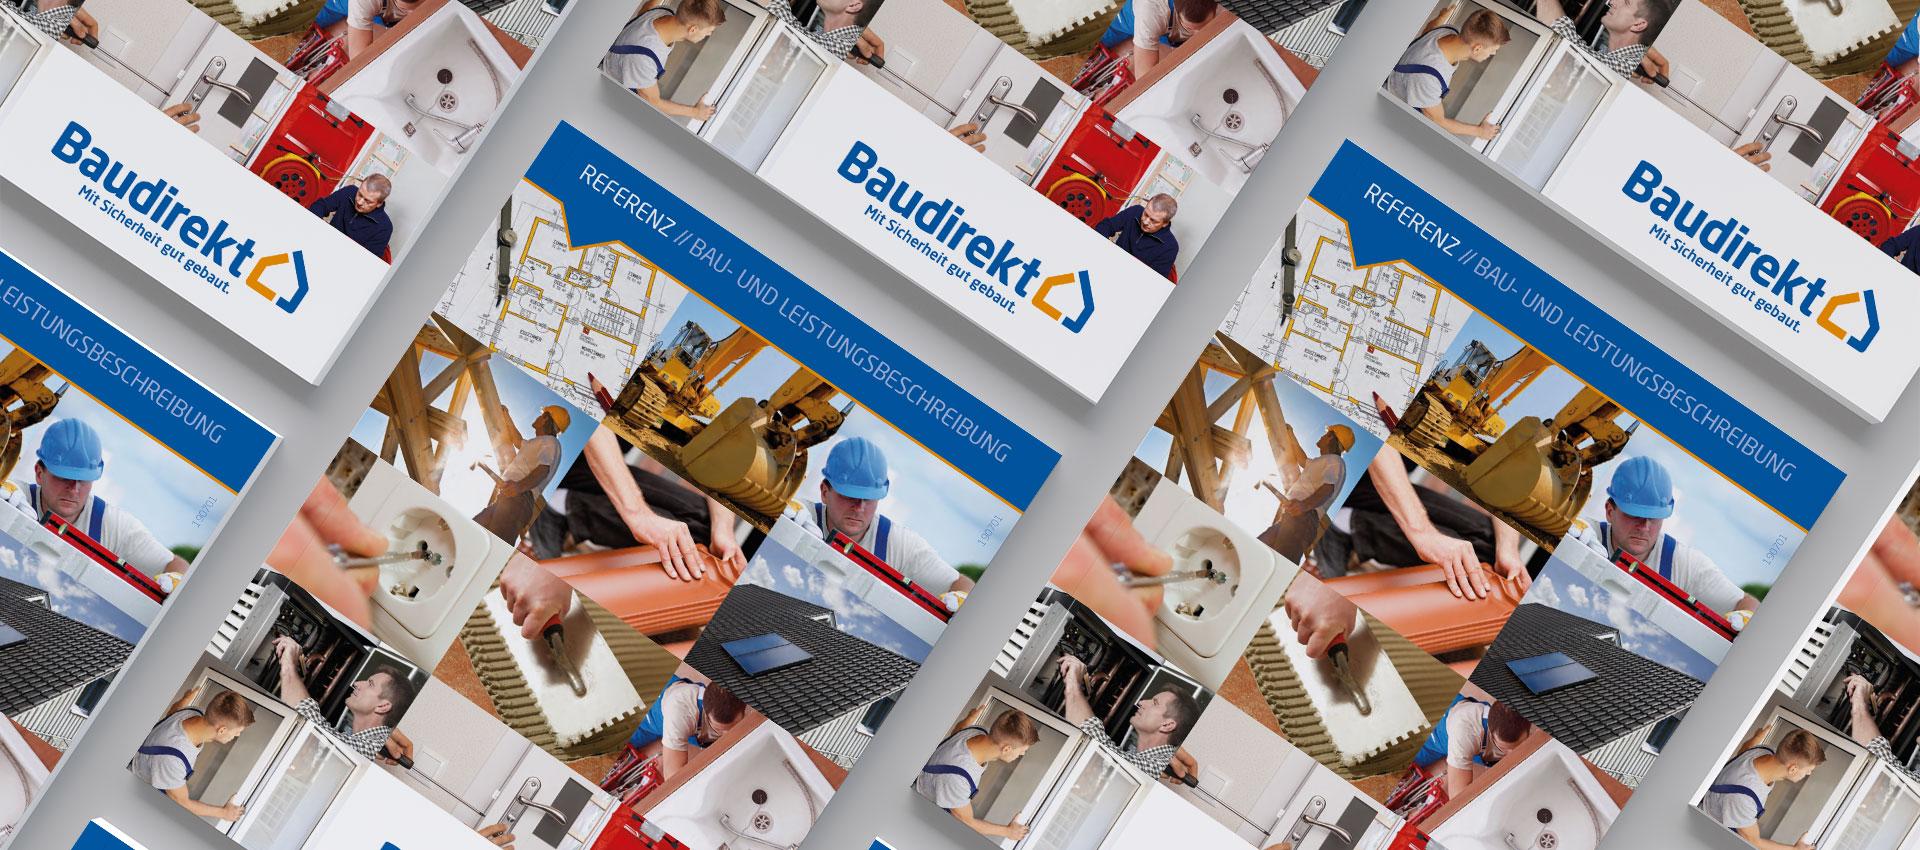 Abbildung Titel Bau- und Leistungsbeschreibung Broschüre